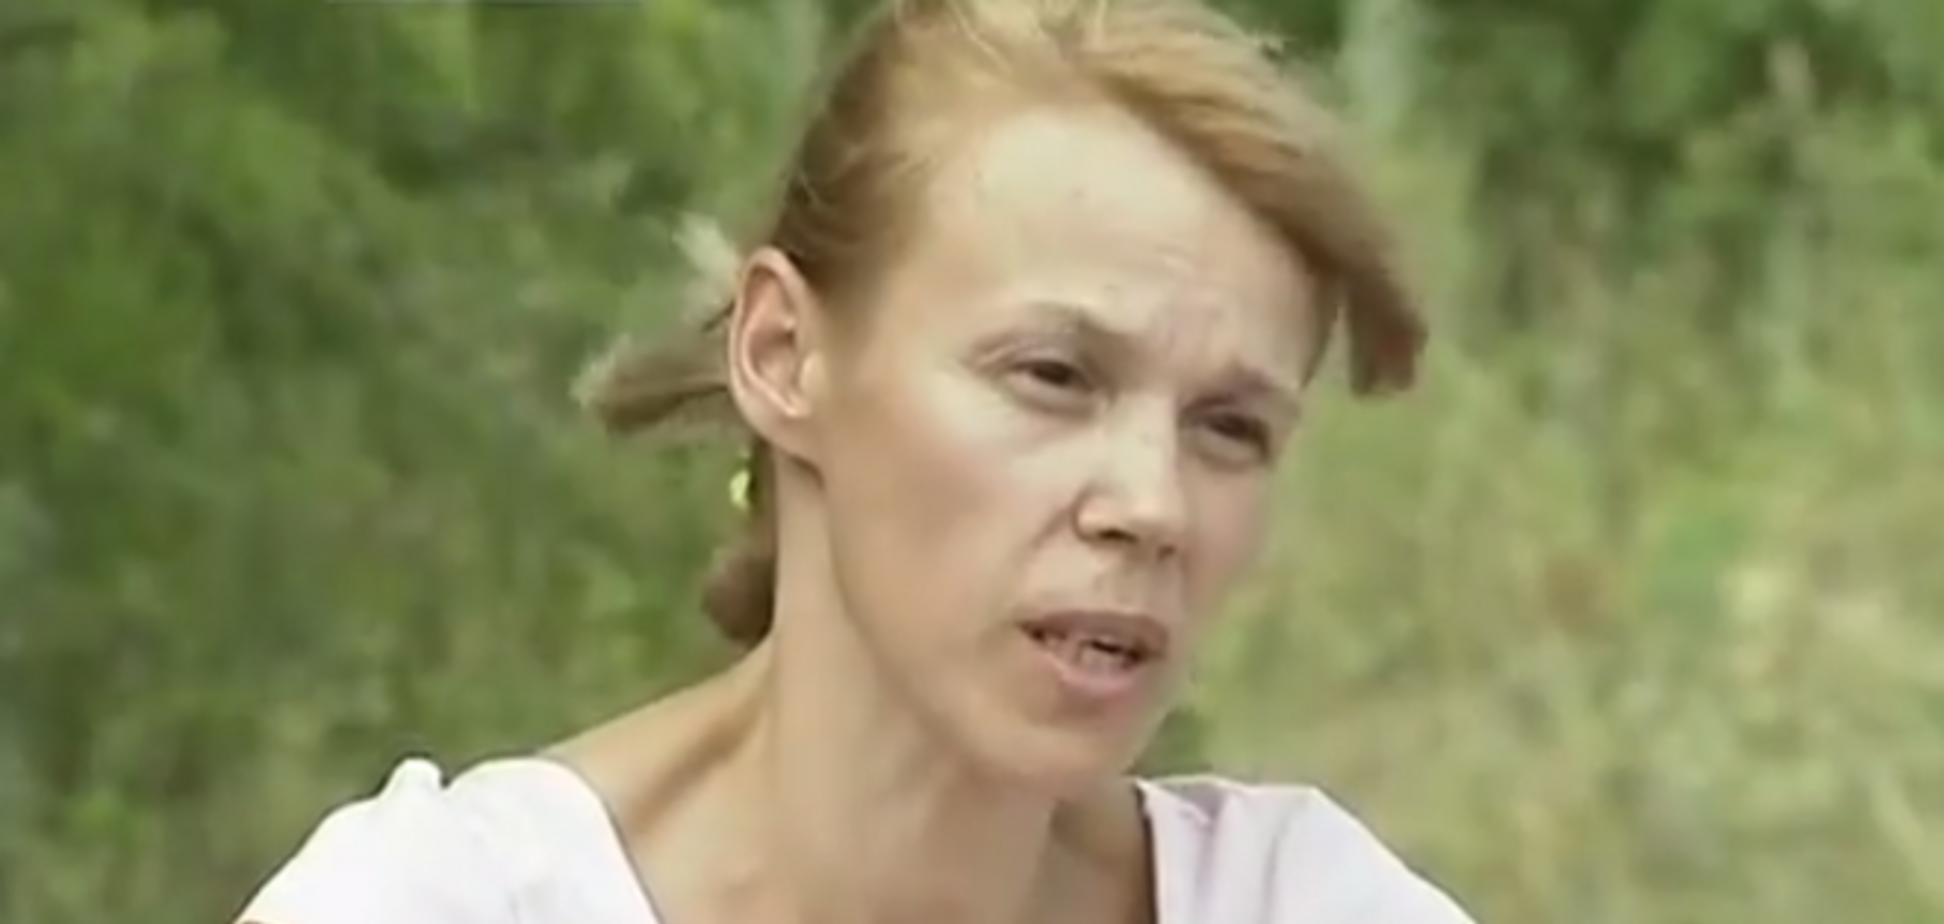 Навальный призвал засудить СМИ за ложь о казни ребенка в Славянске